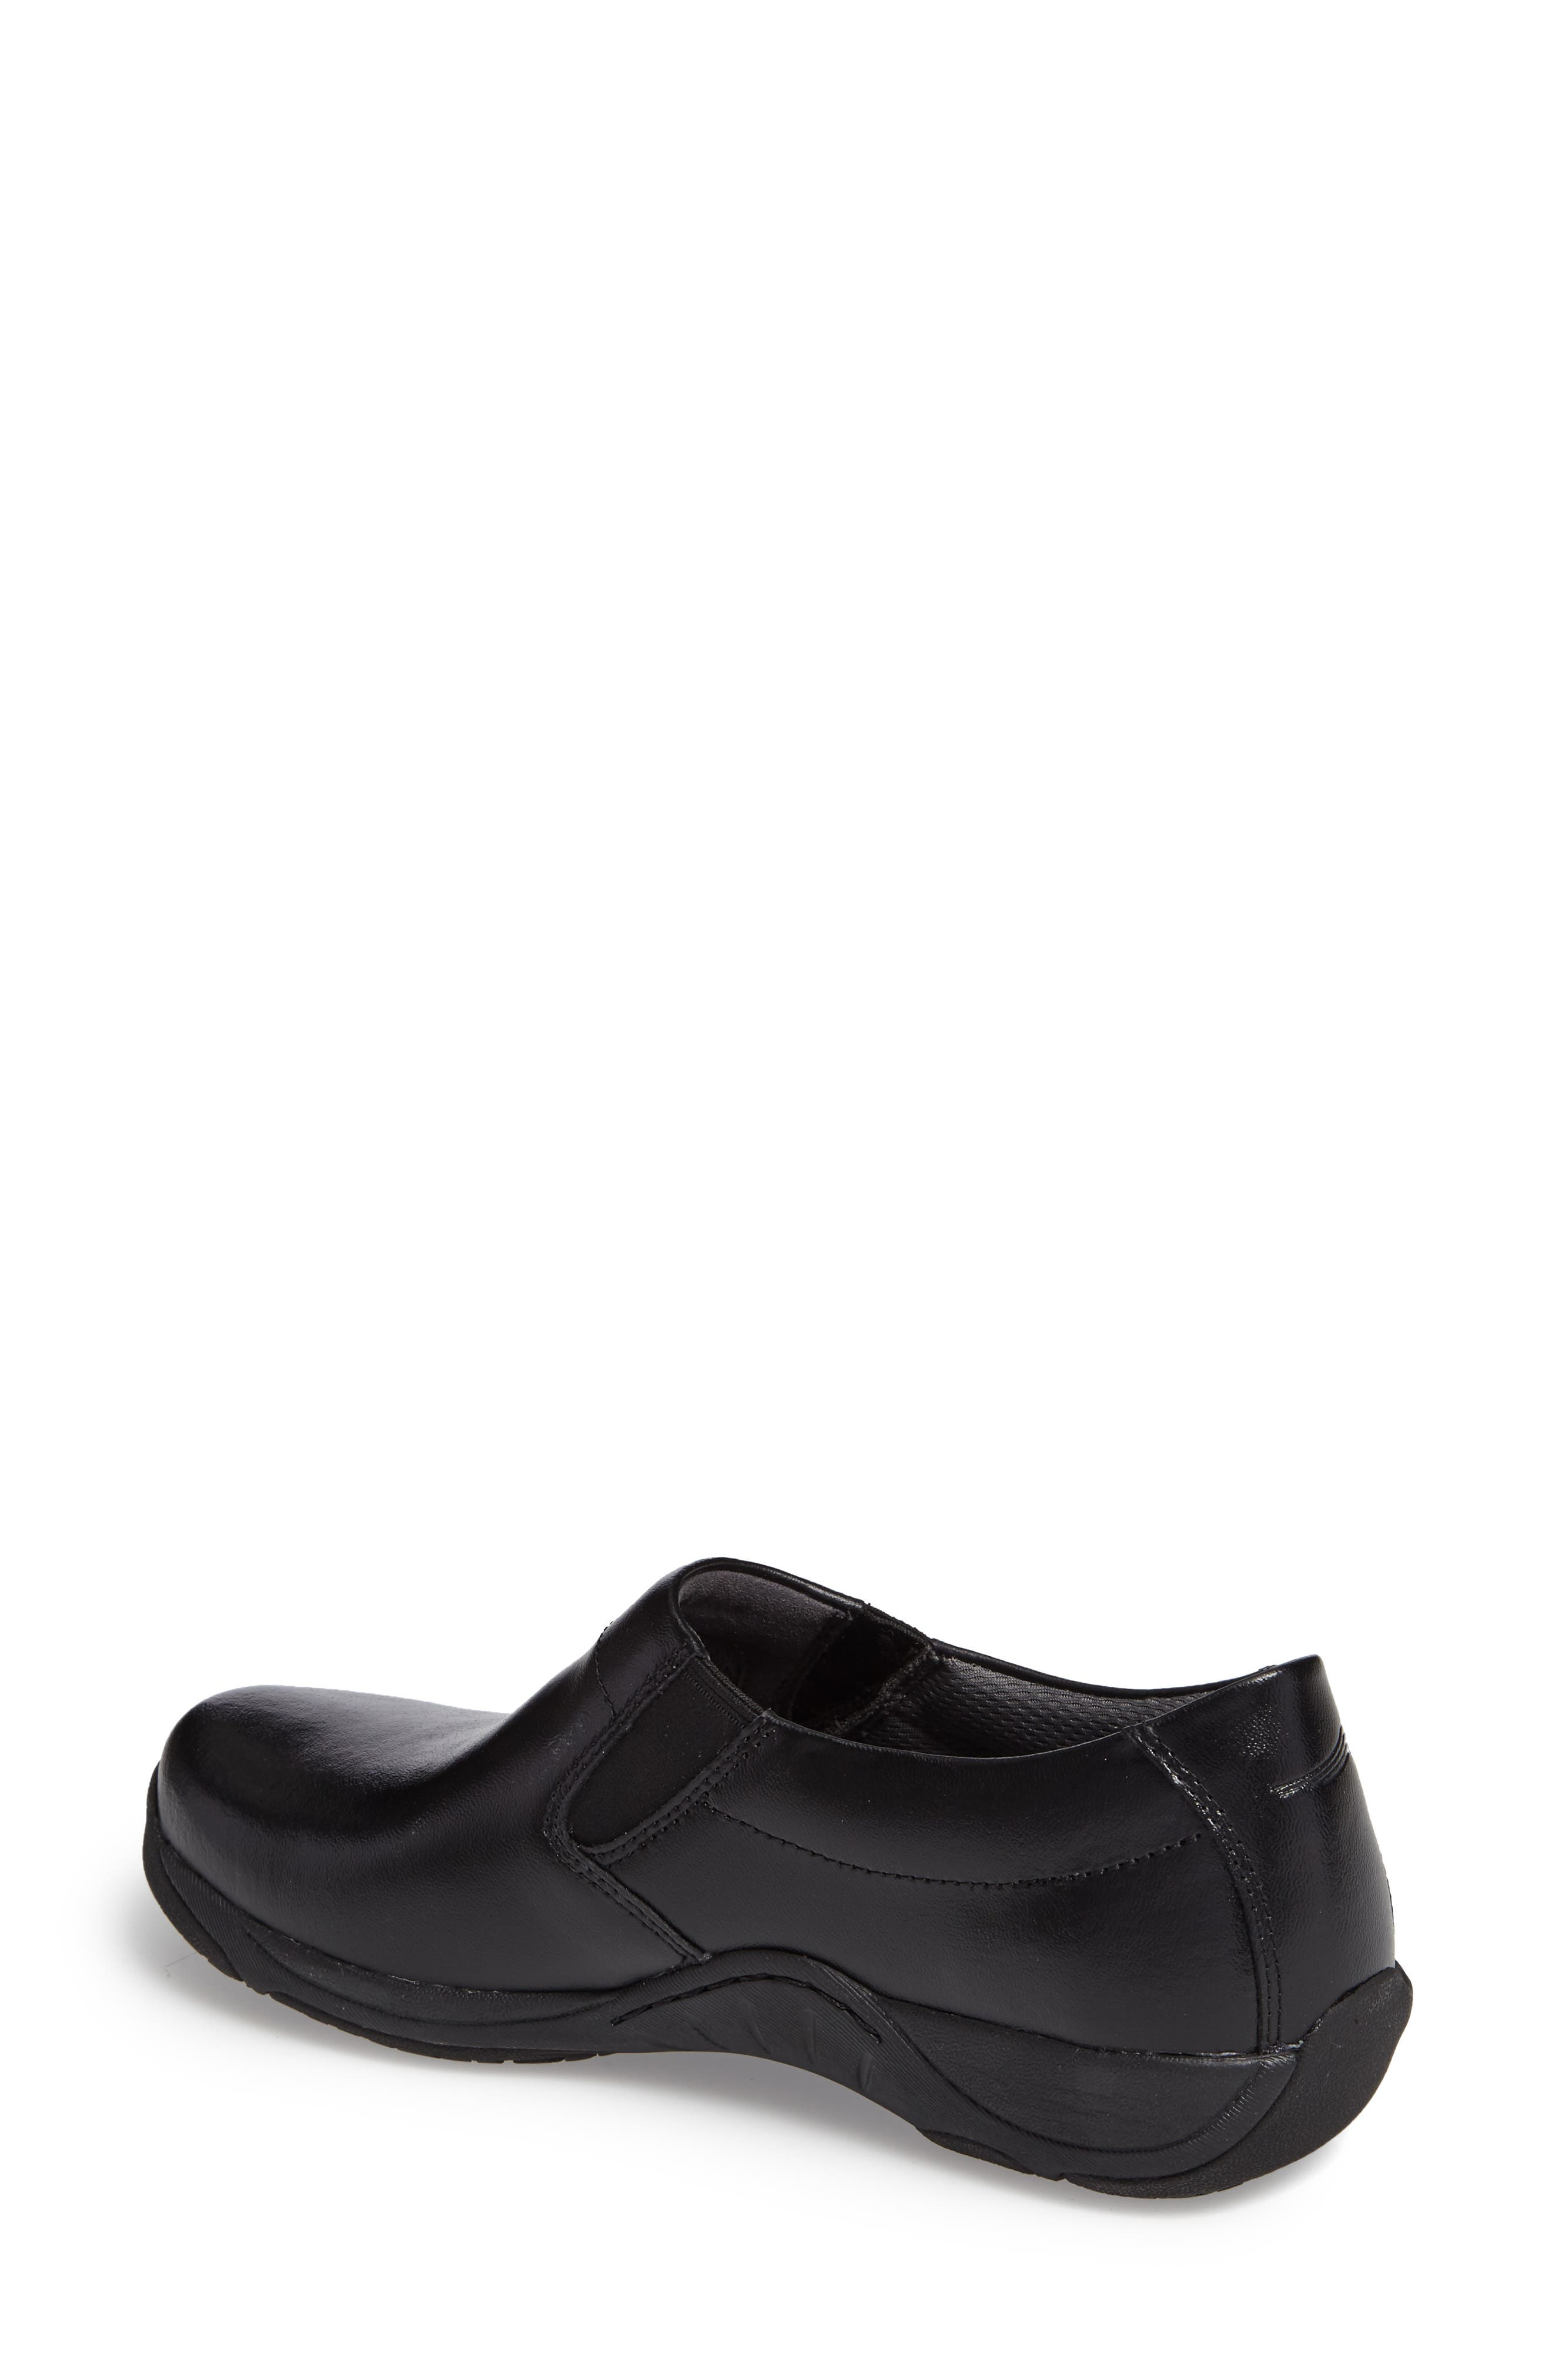 DANSKO, Ellie Slip-On Sneaker, Alternate thumbnail 2, color, BLACK LEATHER